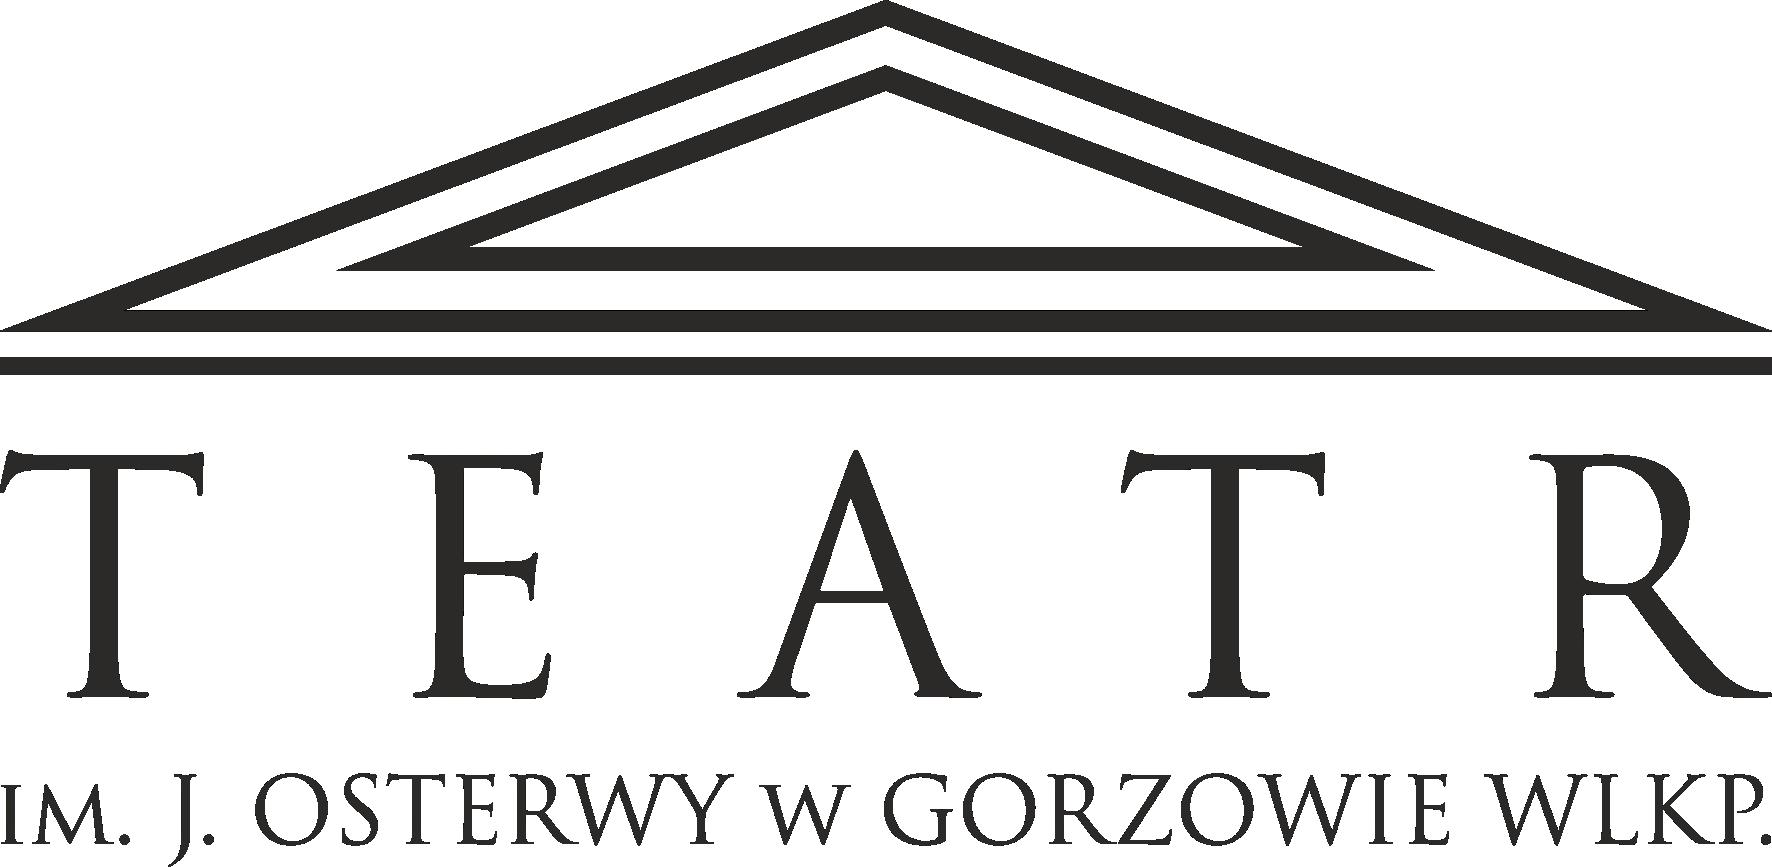 Infolinia Teatr w Gorzowie Wlkp. | telefon, e-mail, kontakt, informacje dodatkowe